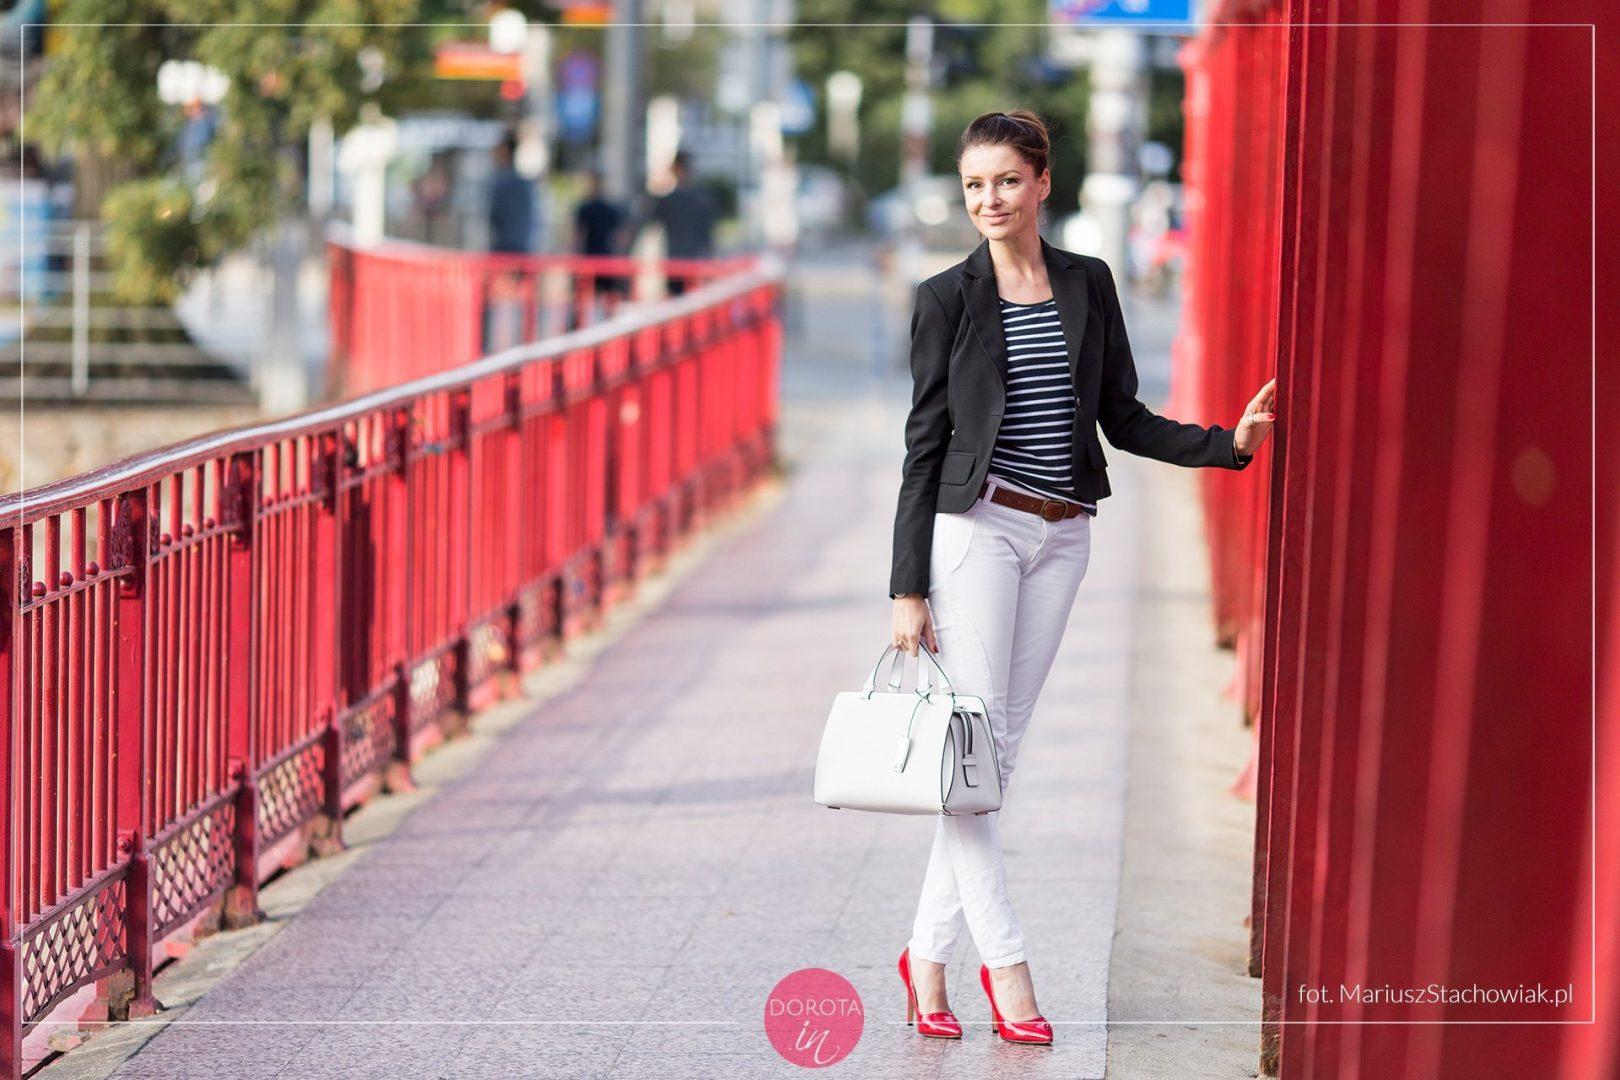 e5f3bca94ef11 Bluzka w paski, białe spodnie, czarna marynarka i czerwone szpilki -  stylizacja